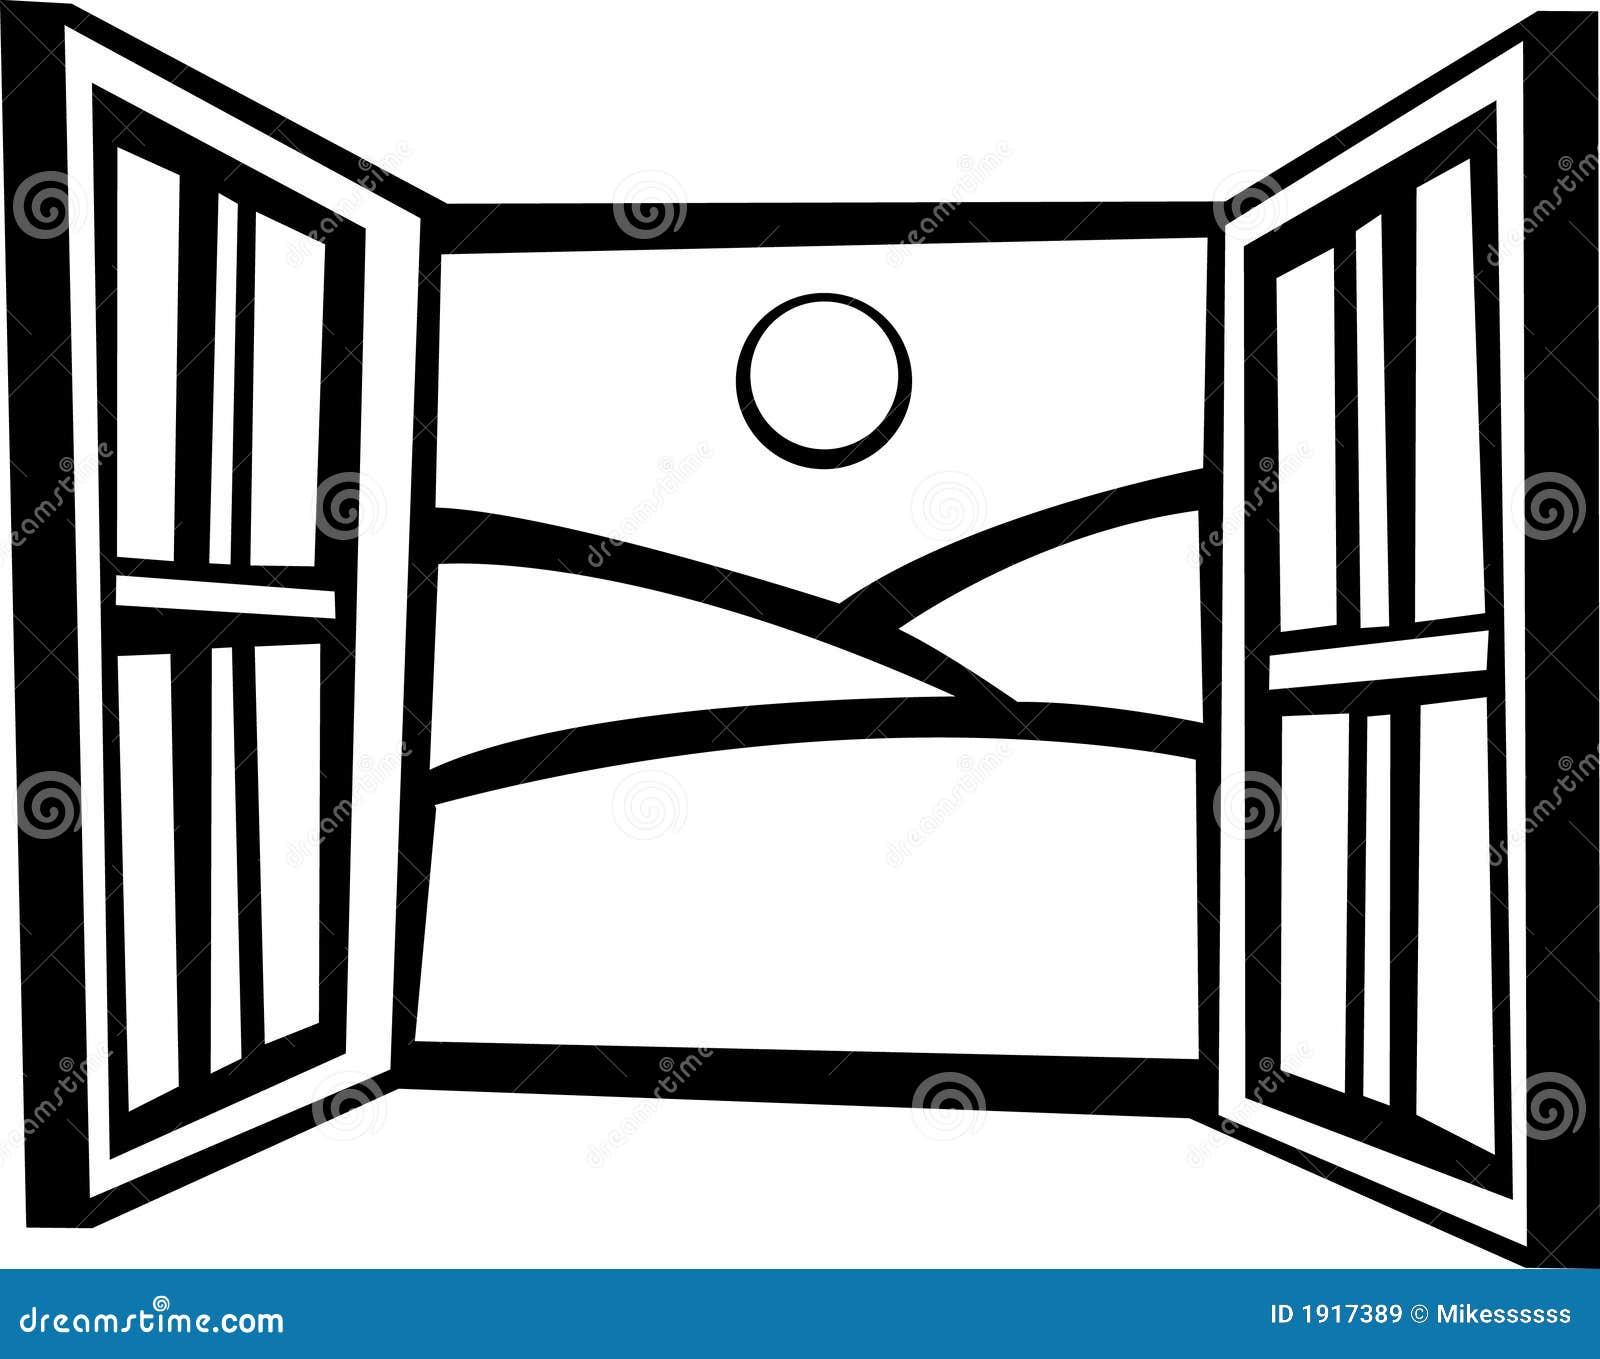 Offenes fenster gezeichnet  Offenes Fenster Gezeichnet | harzite.com